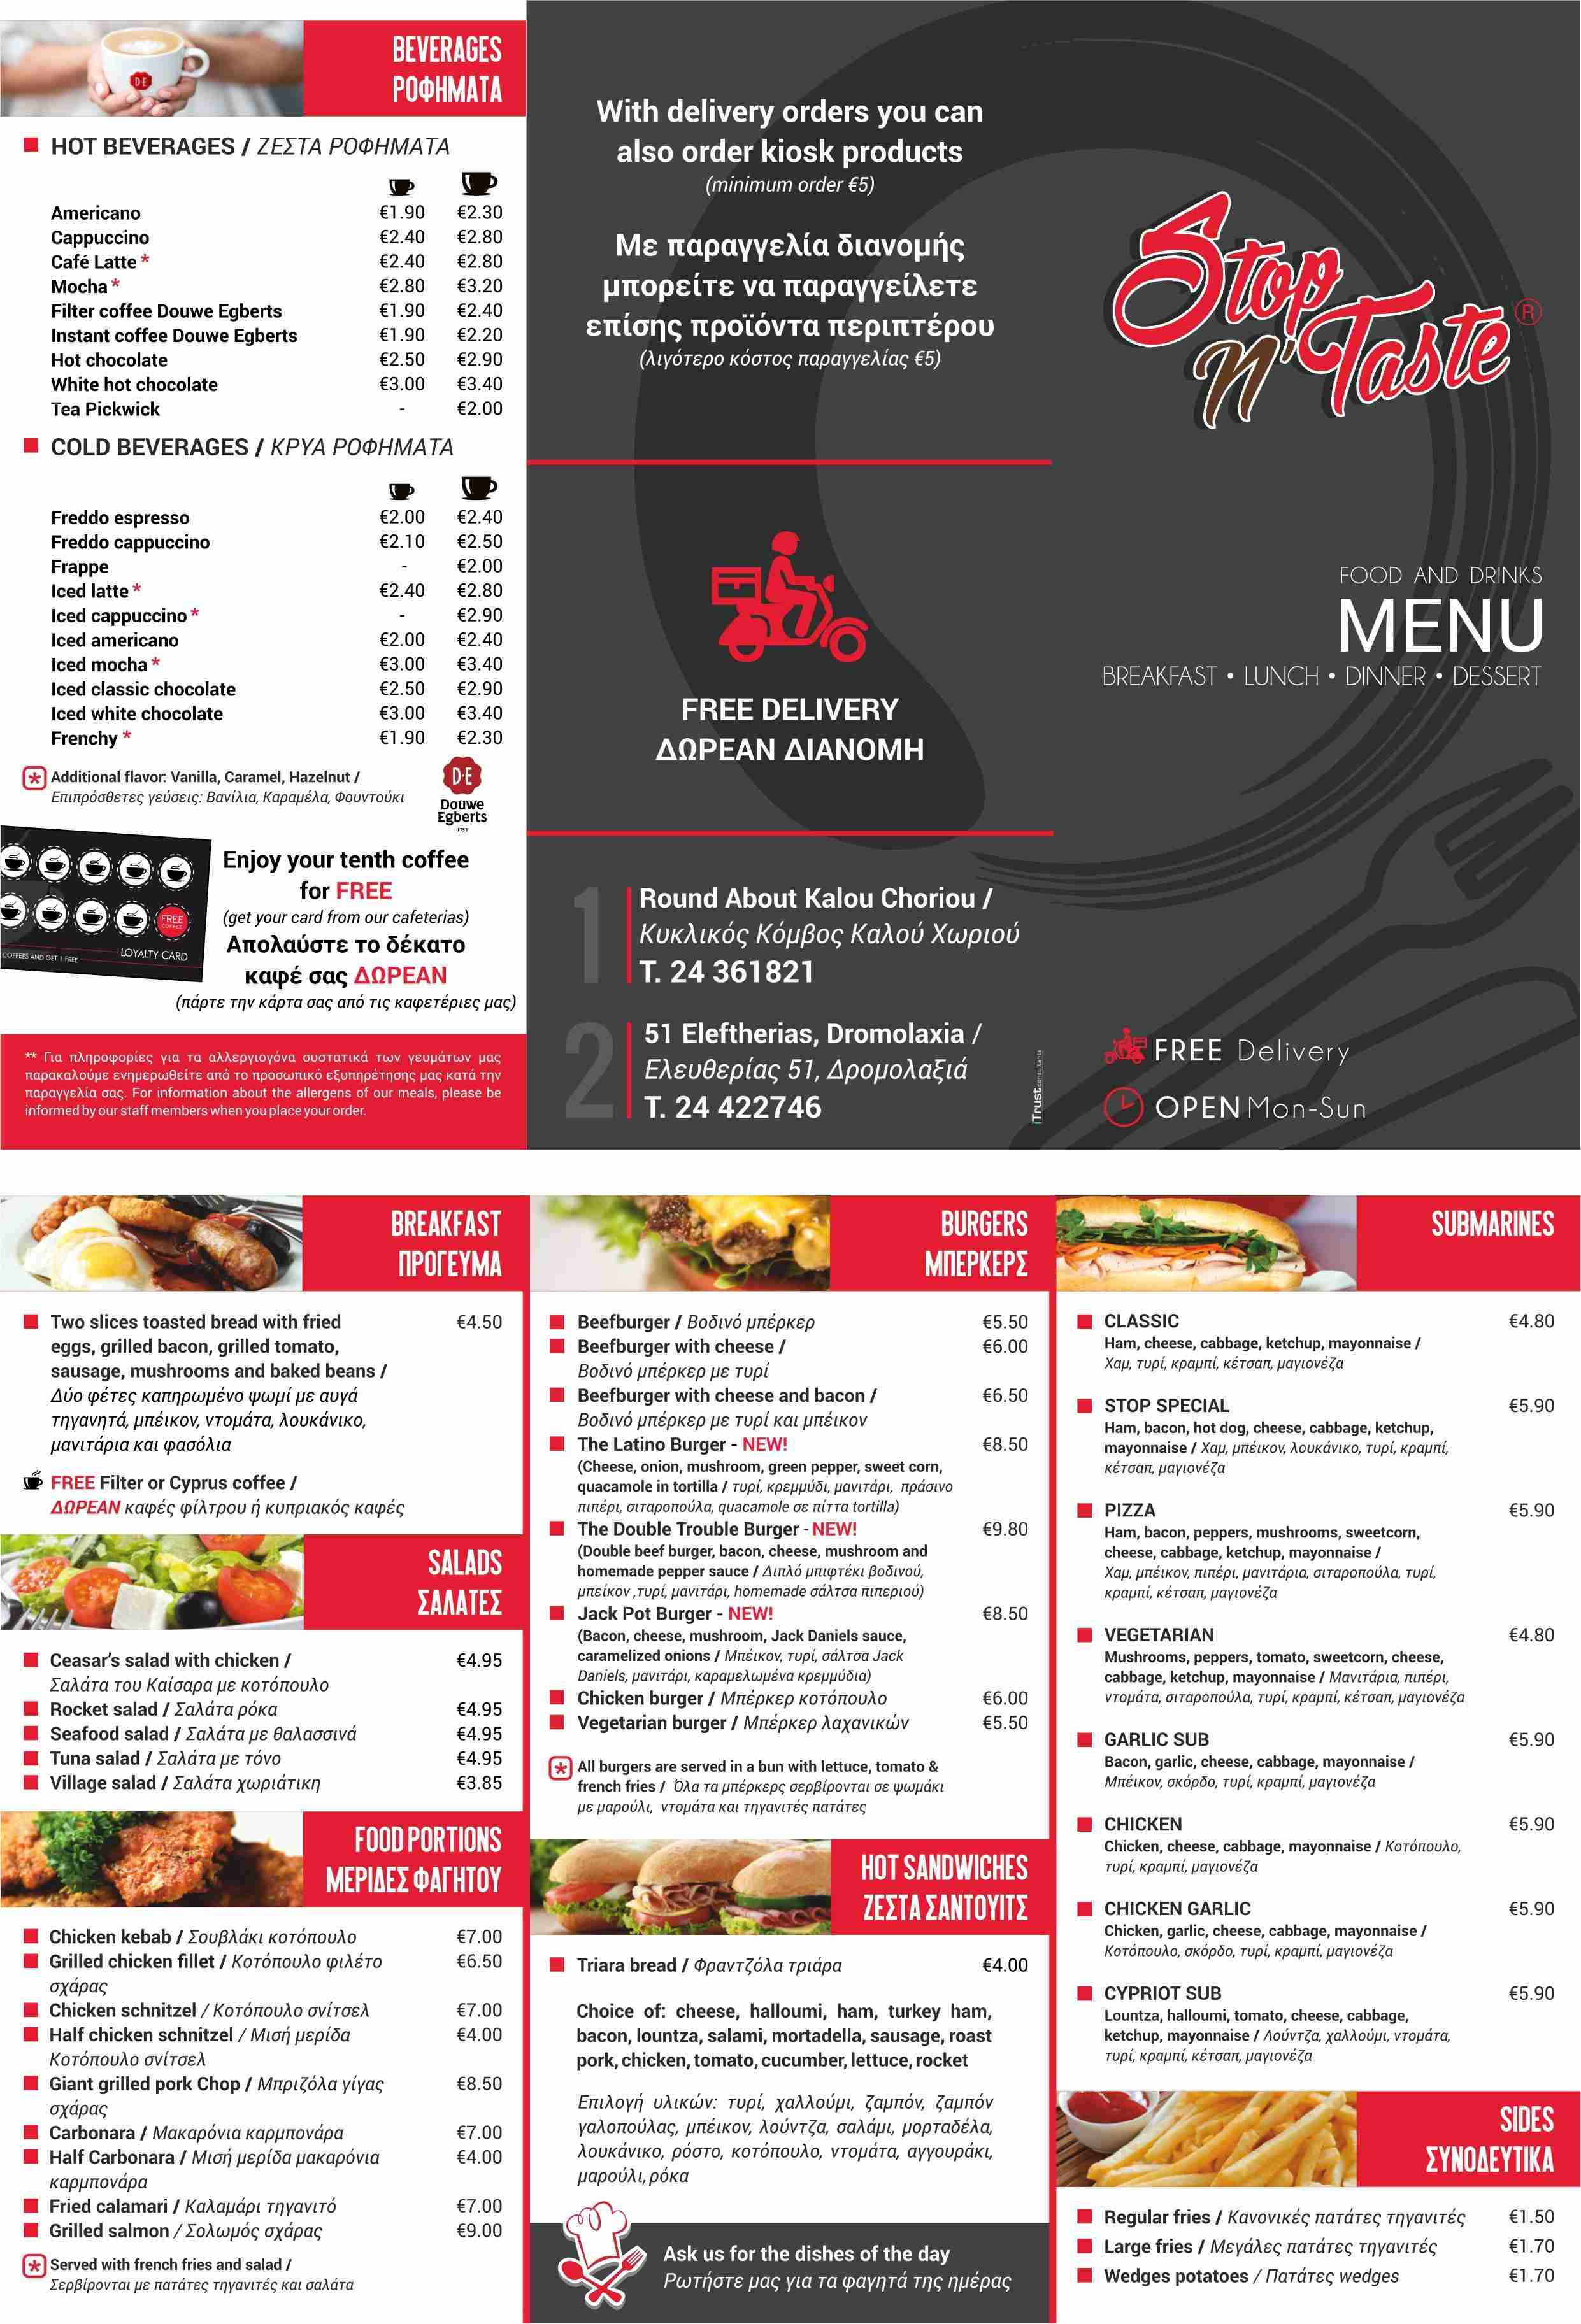 iTrust-website-sample-graphic-flyer-2